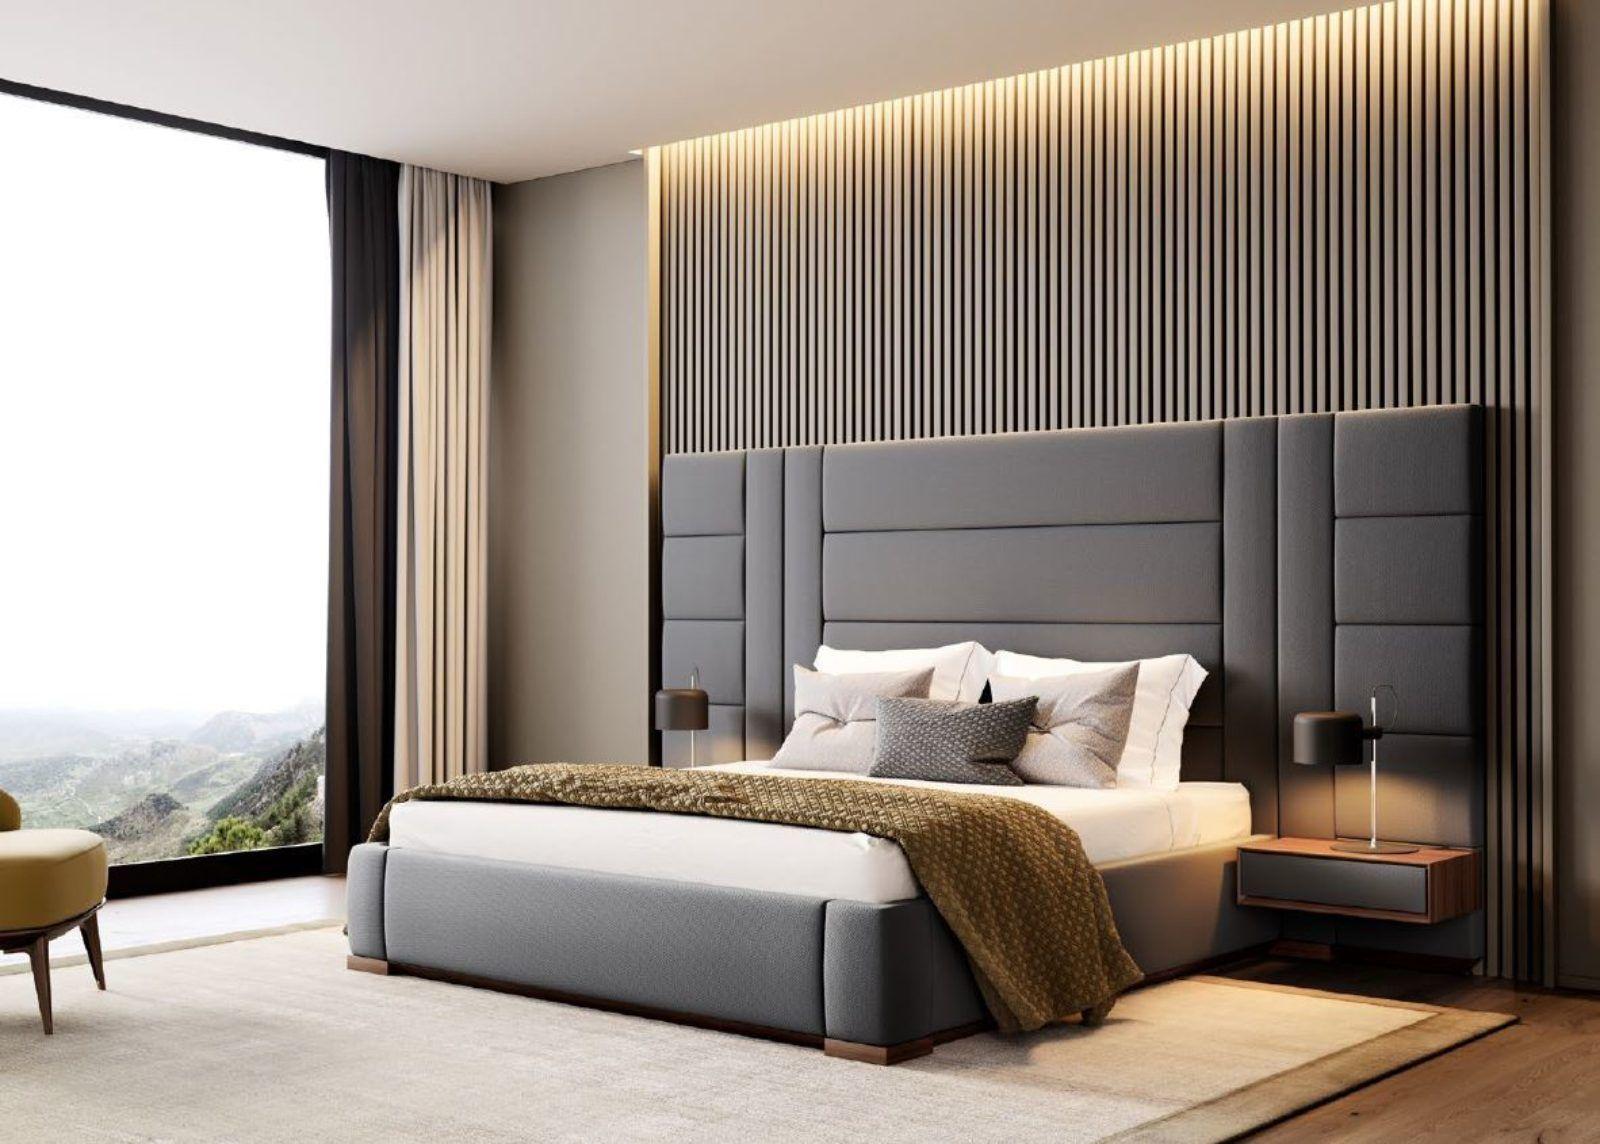 Alvor Bedroom ZOLi Contemporary Living Room design